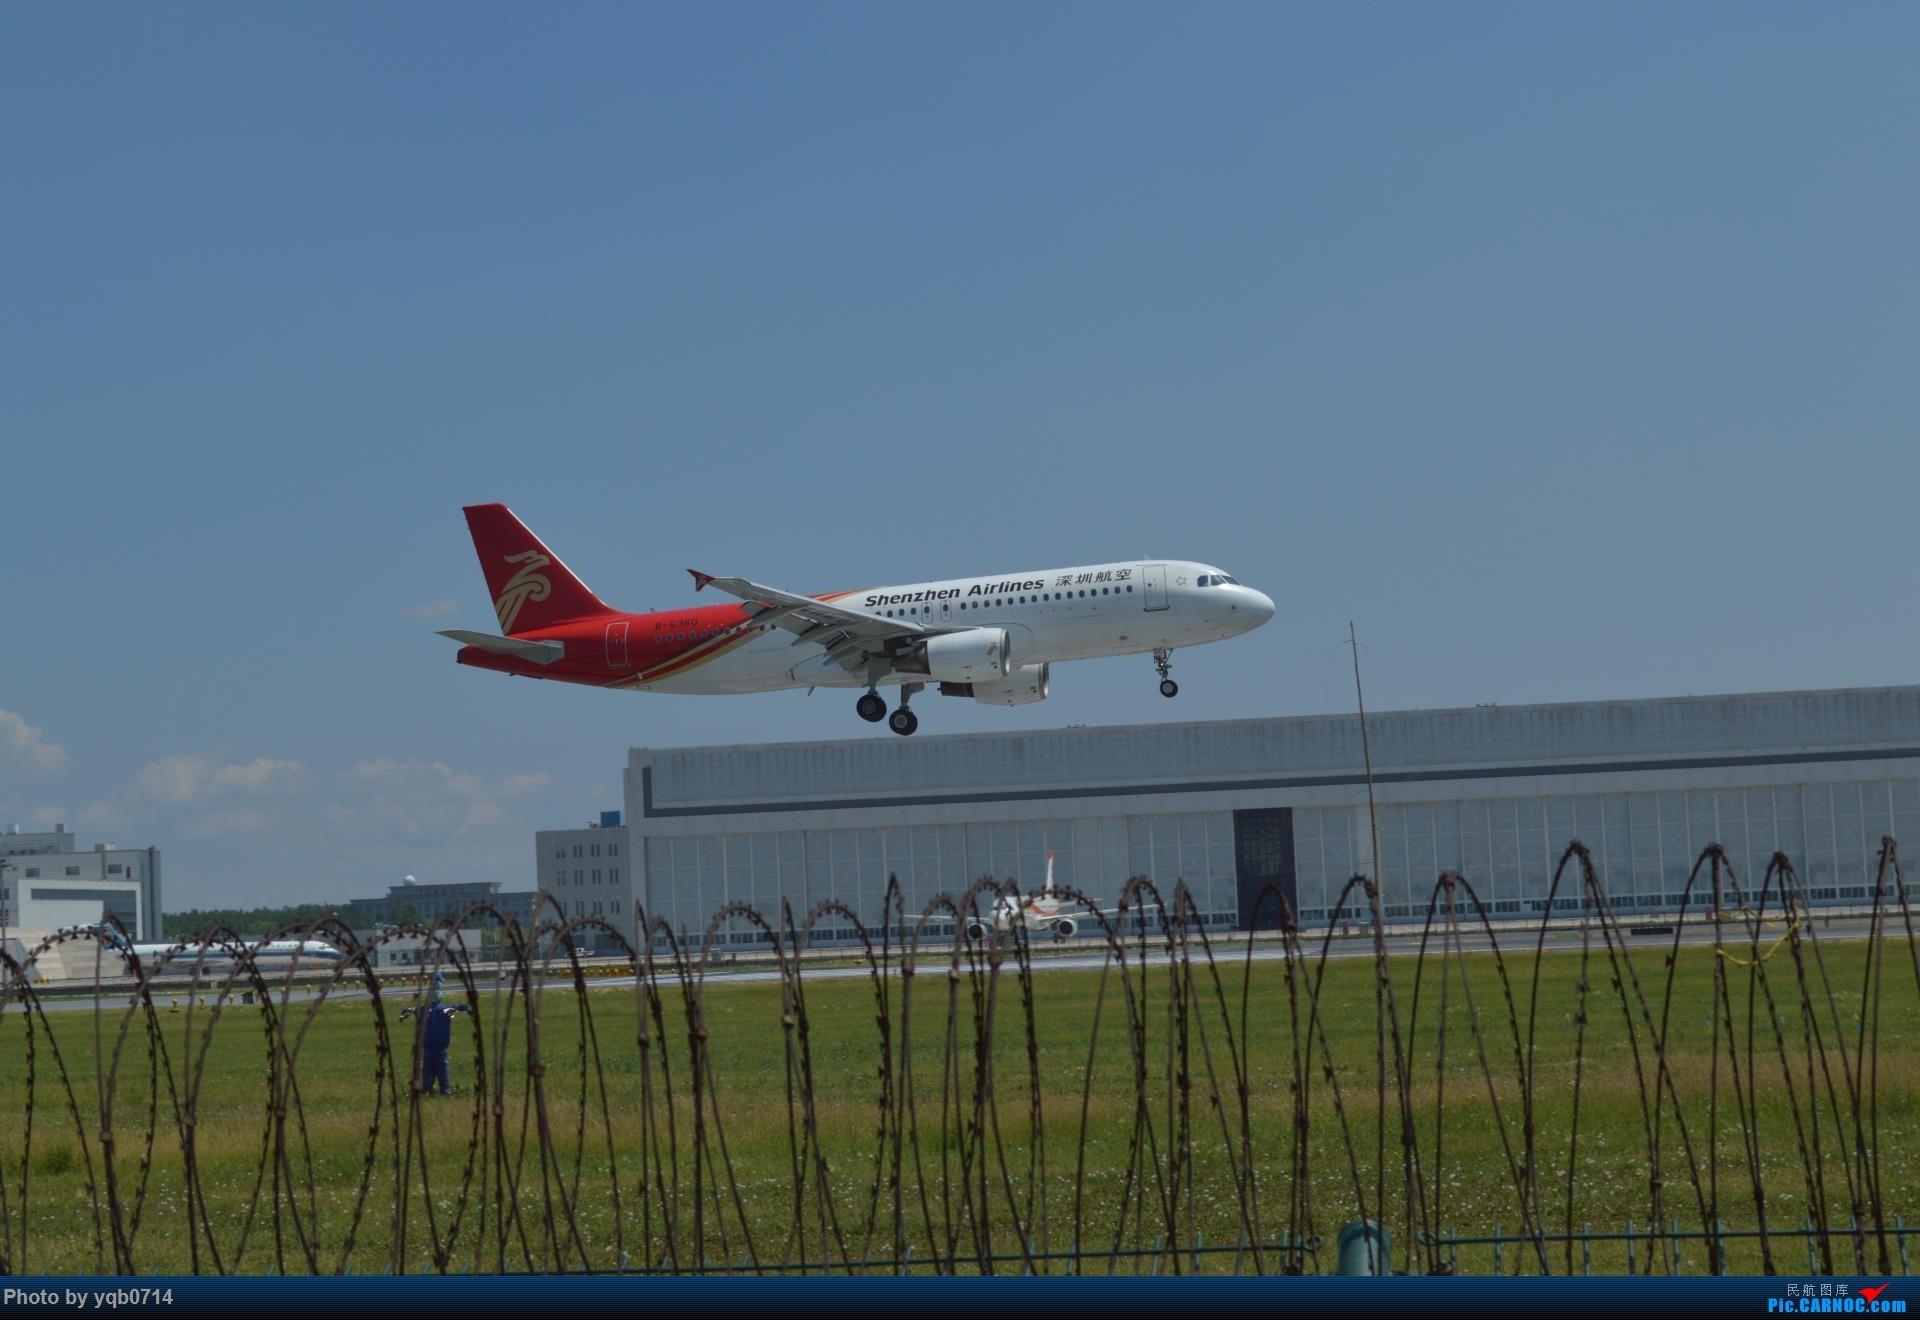 Re:[原创]出来炸道,喜欢星空联盟的小反!!!! AIRBUS A320-200 B-6360 中国沈阳桃仙国际机场